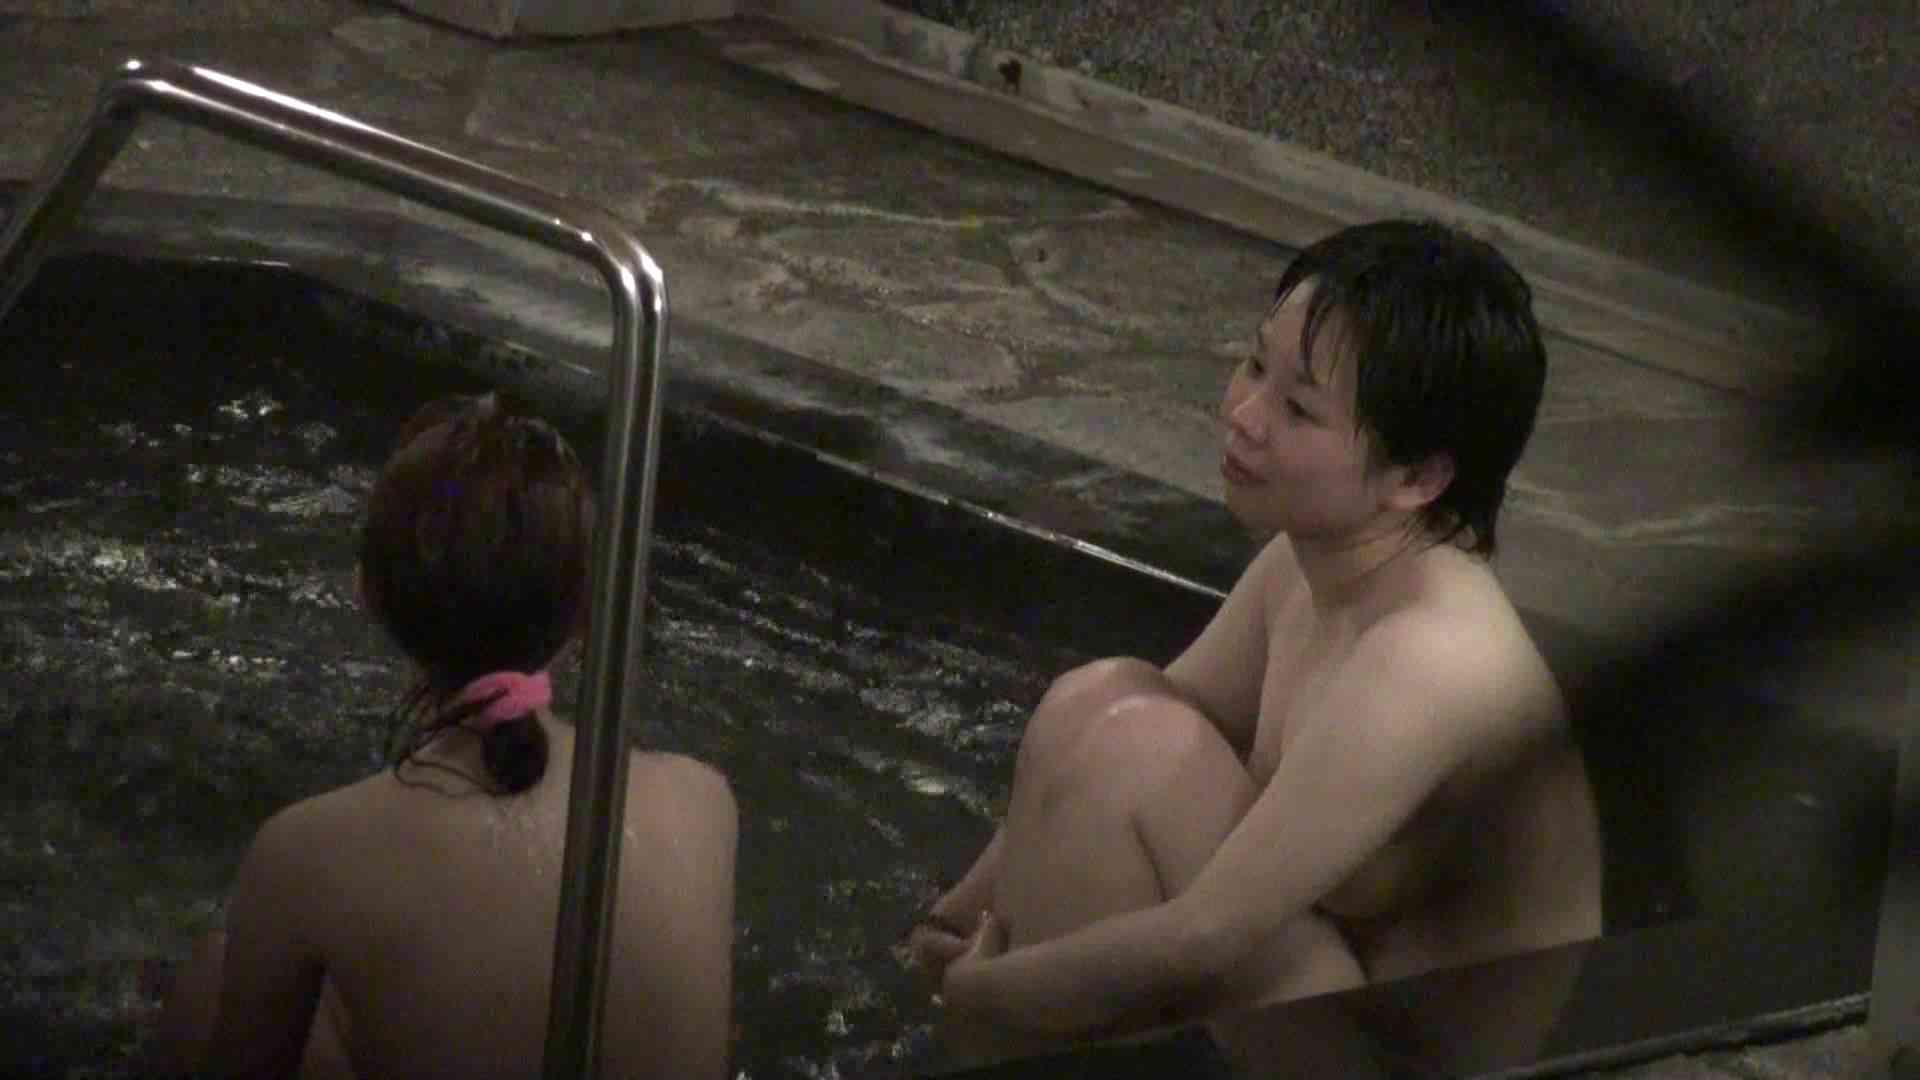 Aquaな露天風呂Vol.394 盗撮シリーズ  78PIX 8